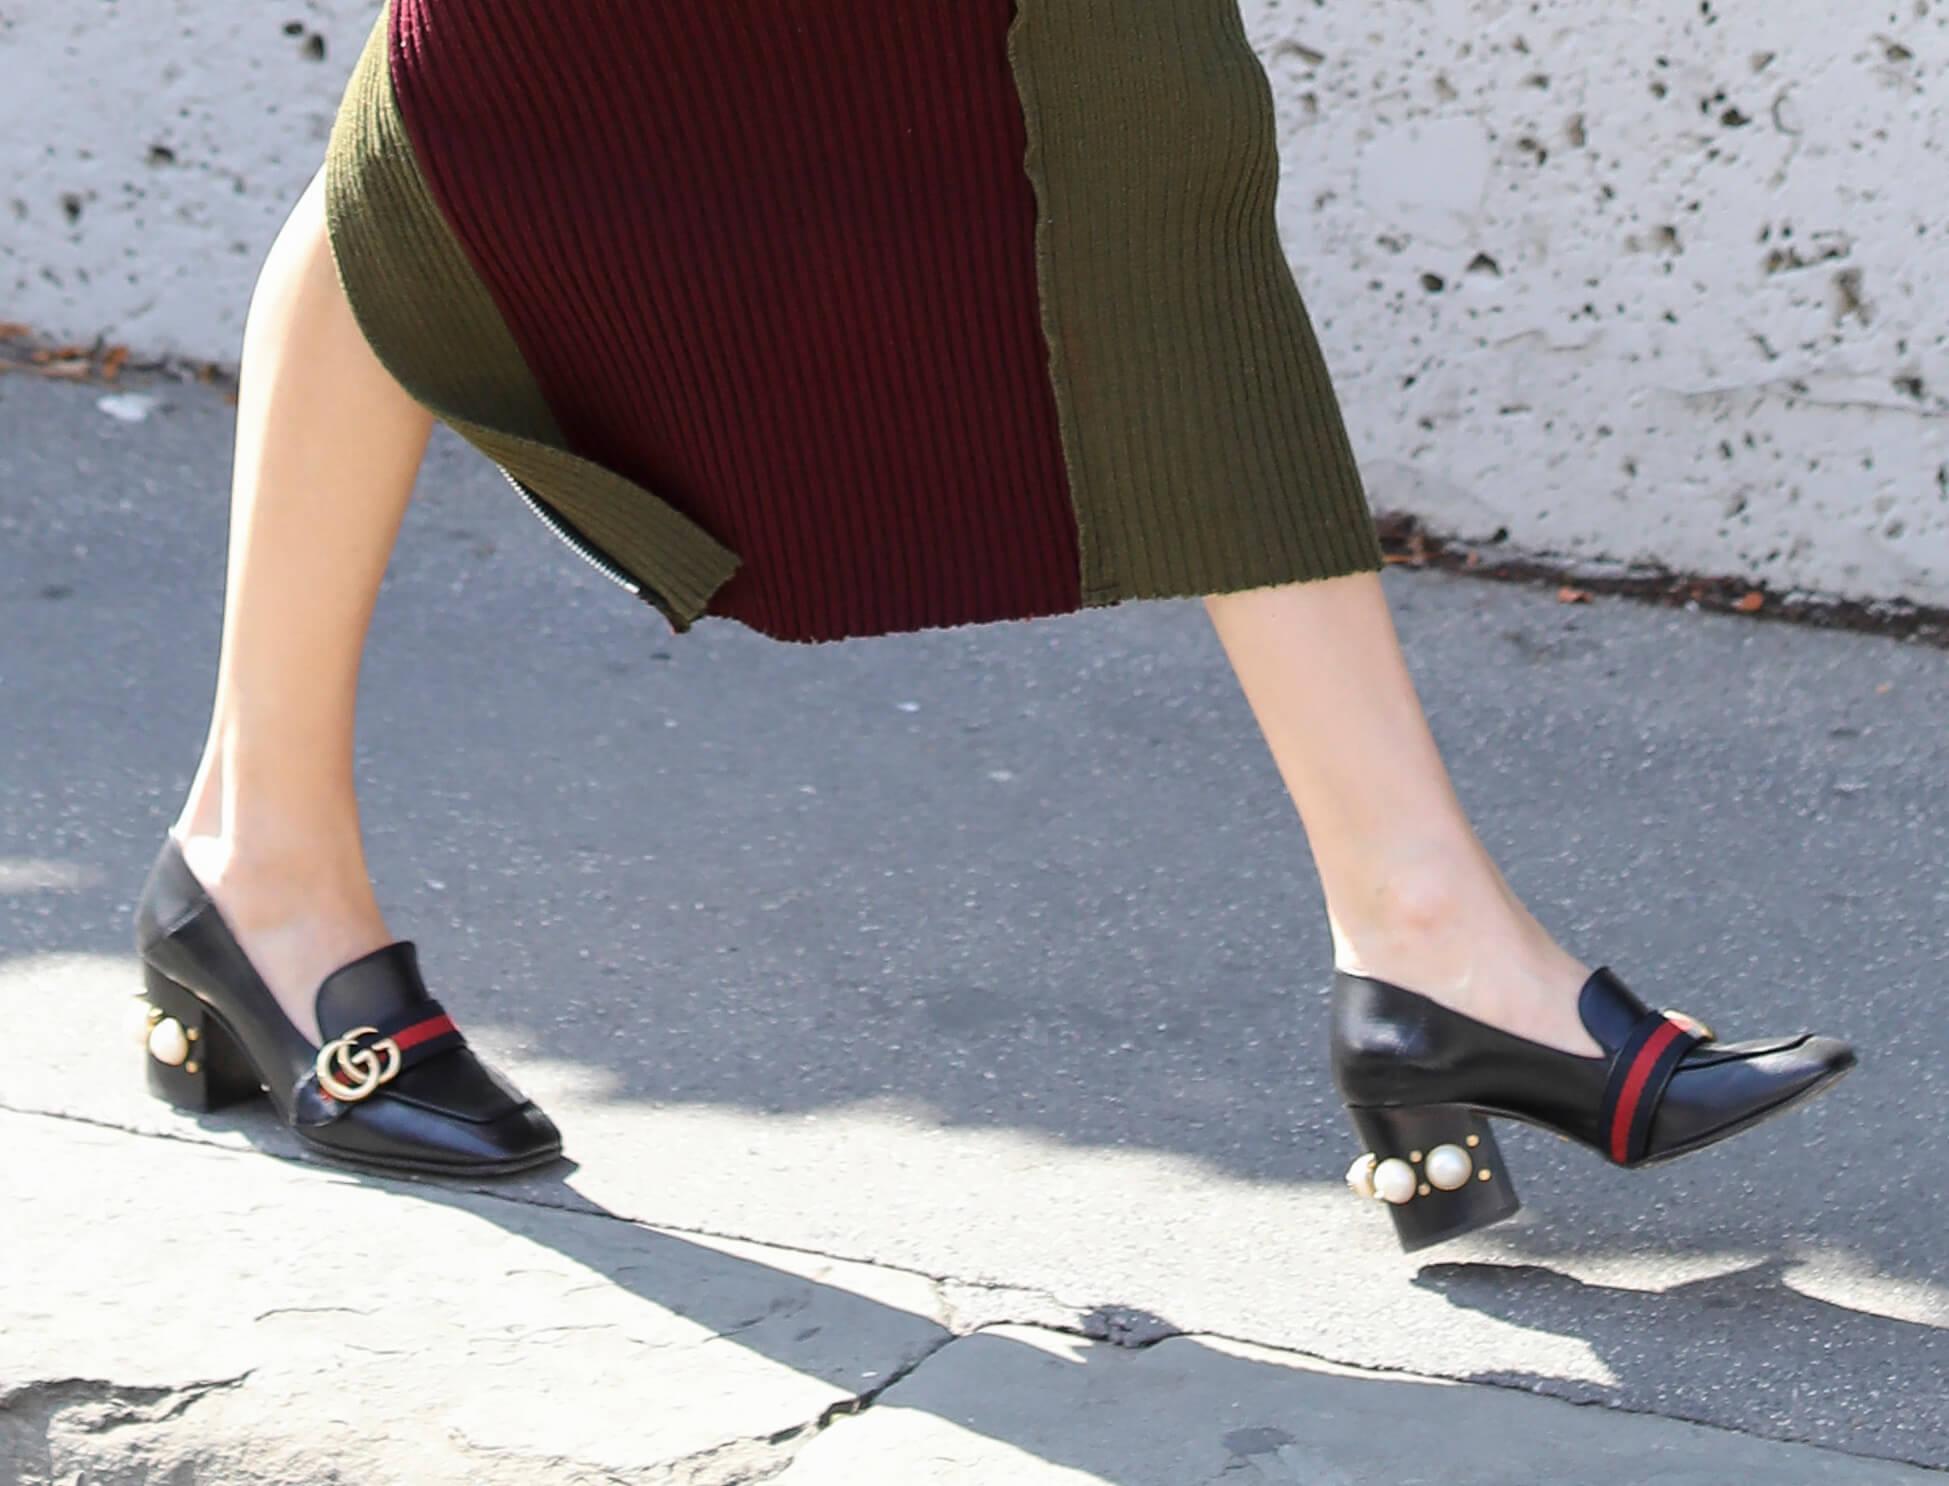 Ask Anne: An In-Between Heel?